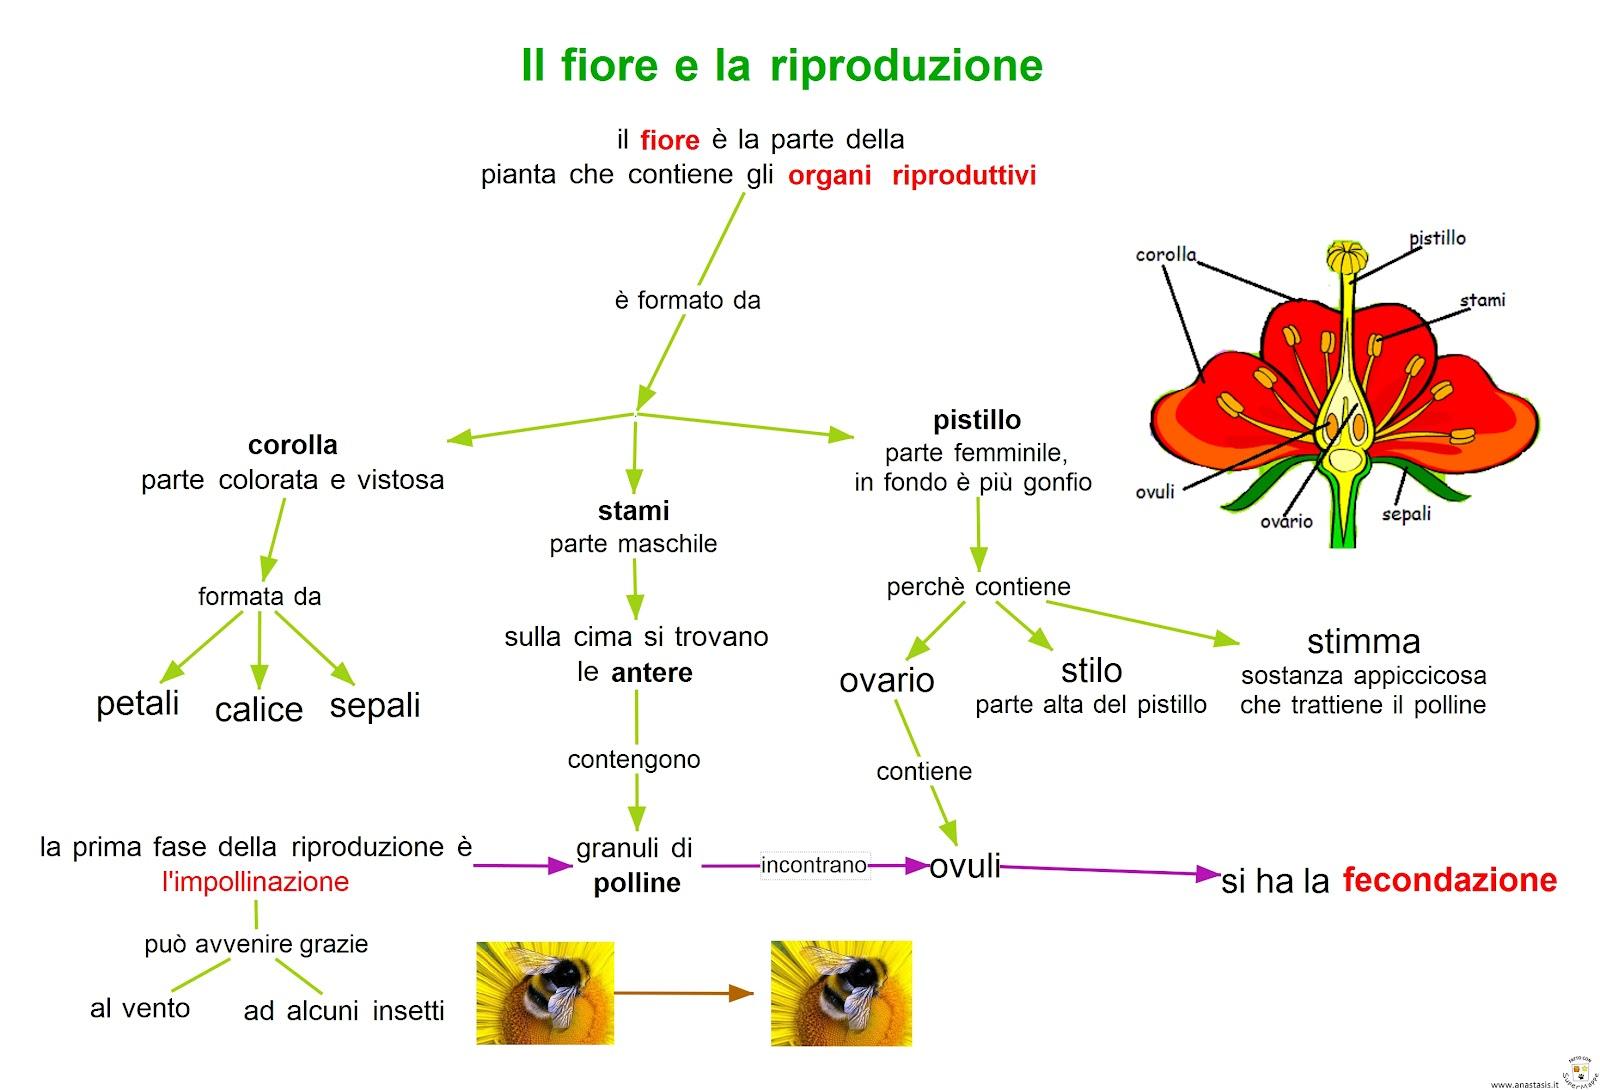 Paradiso Delle Mappe Il Fiore E La Riproduzione